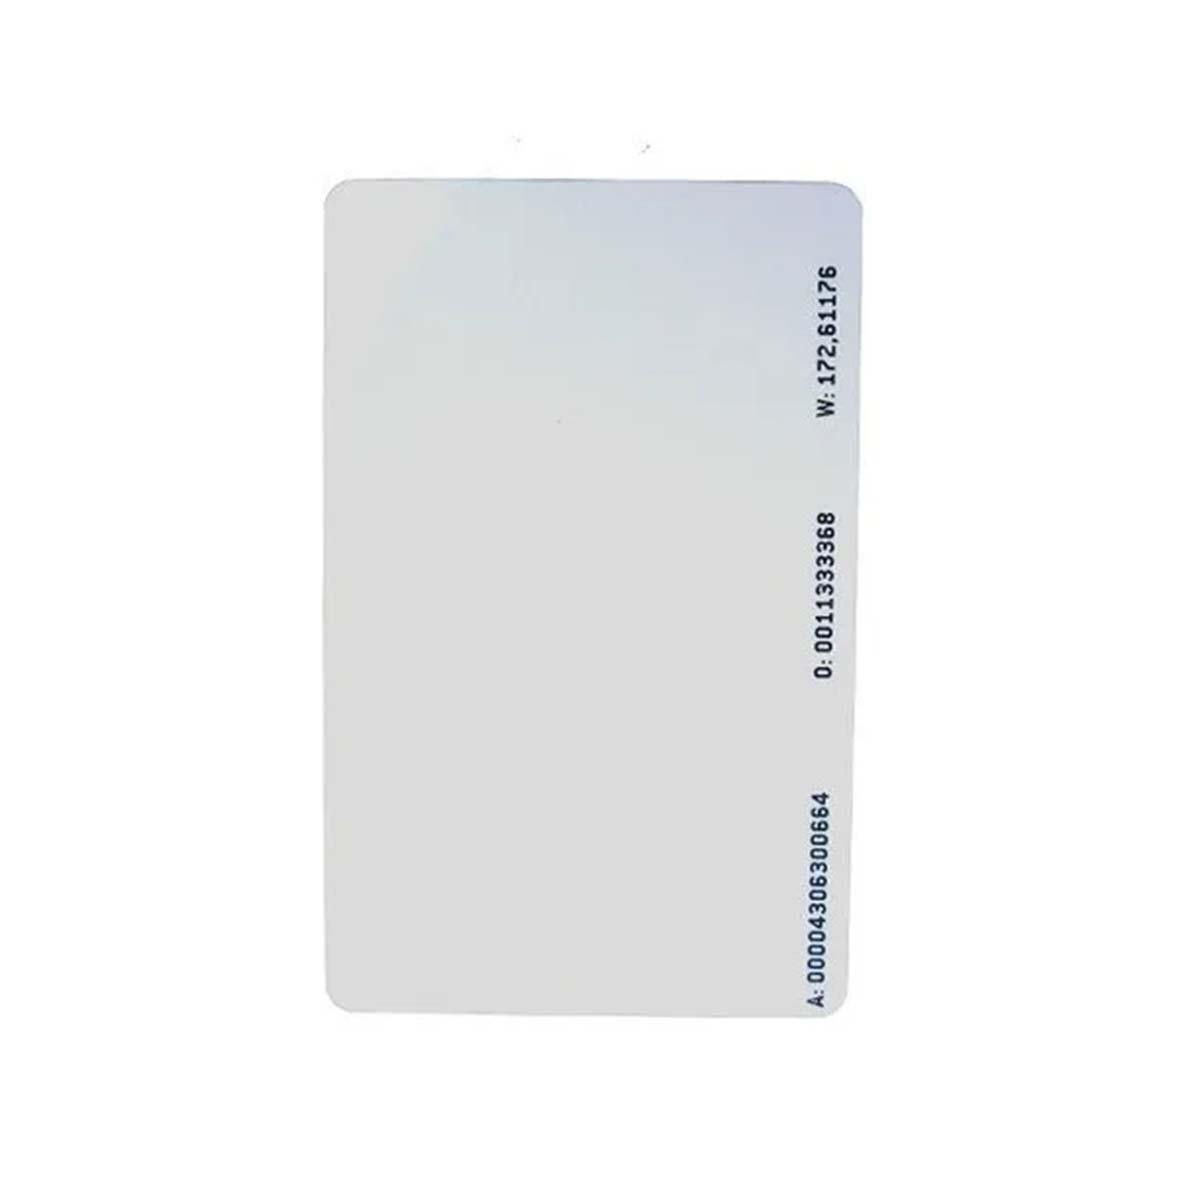 Kit 08 Cartão Intelbras De Acionamento Rfid 125Khz Th 2000